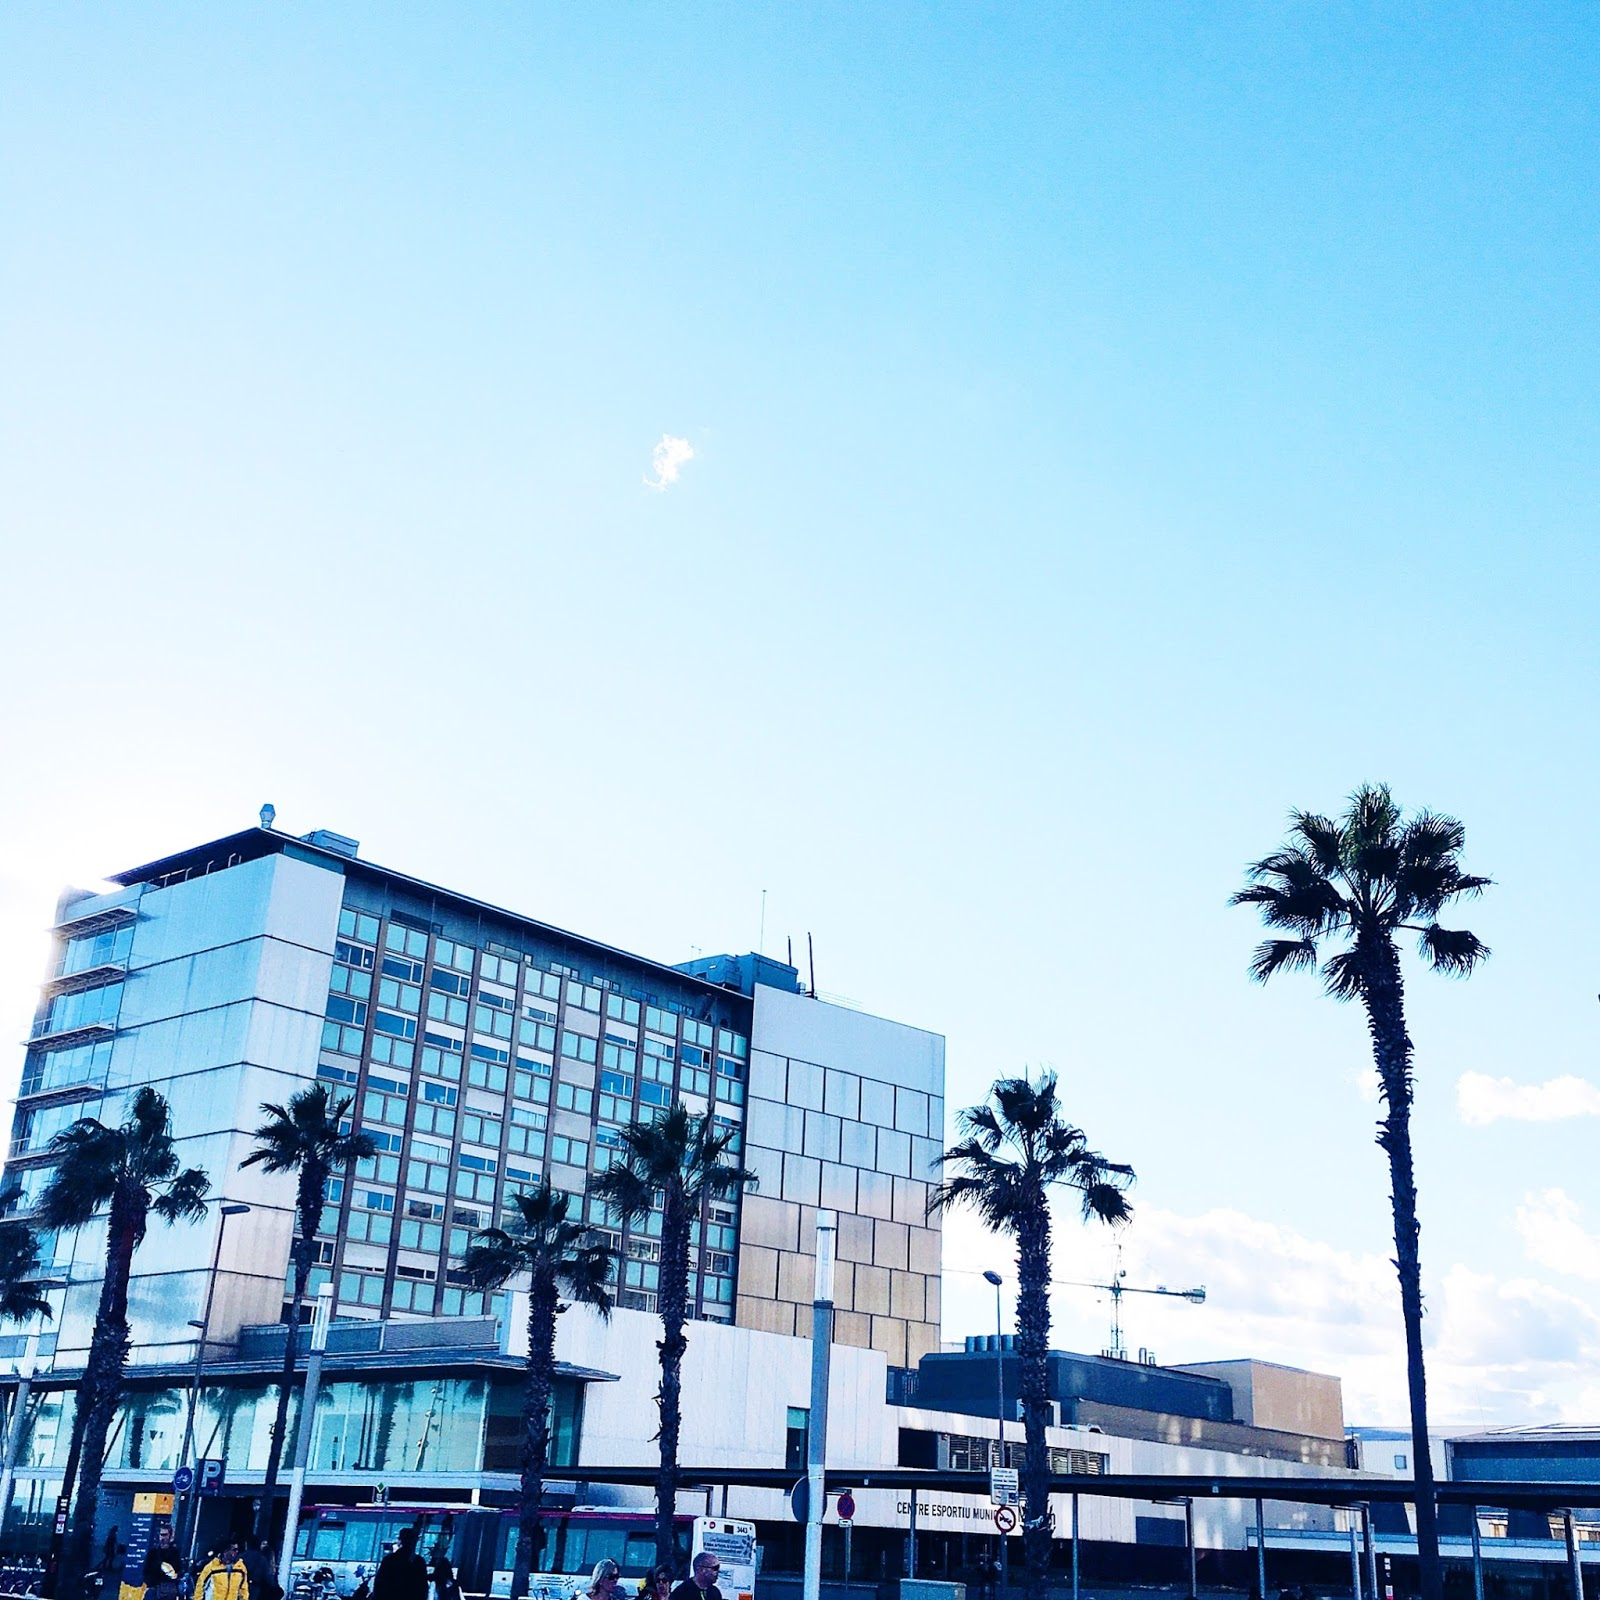 Barcelone palmiers ciel bleu